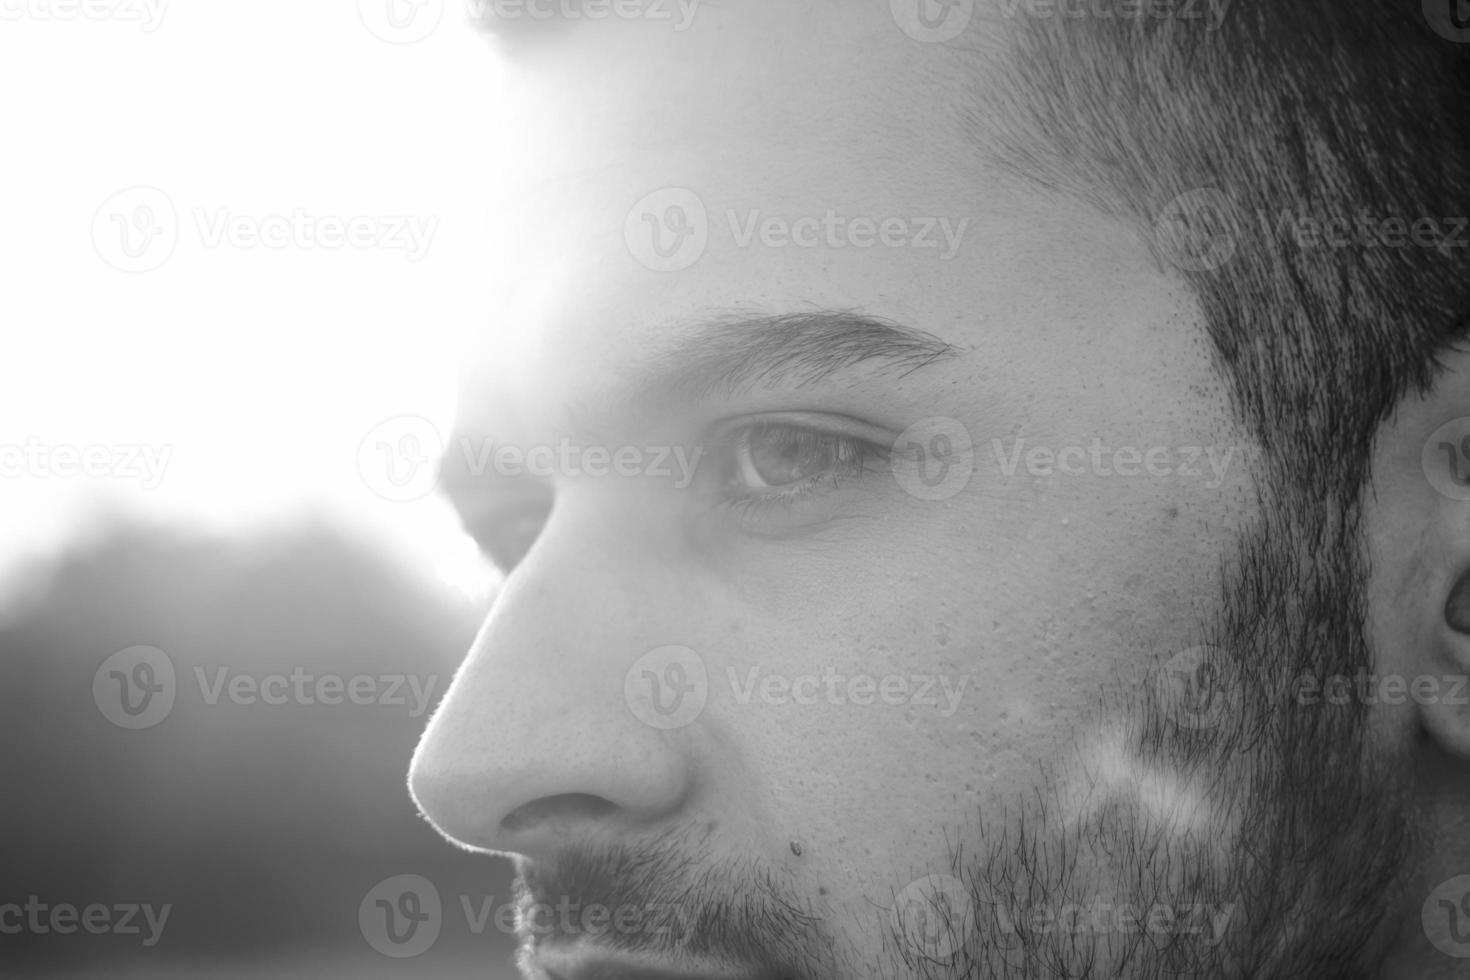 visage gros plan de jeunes hommes, forte lumière du soleil photo